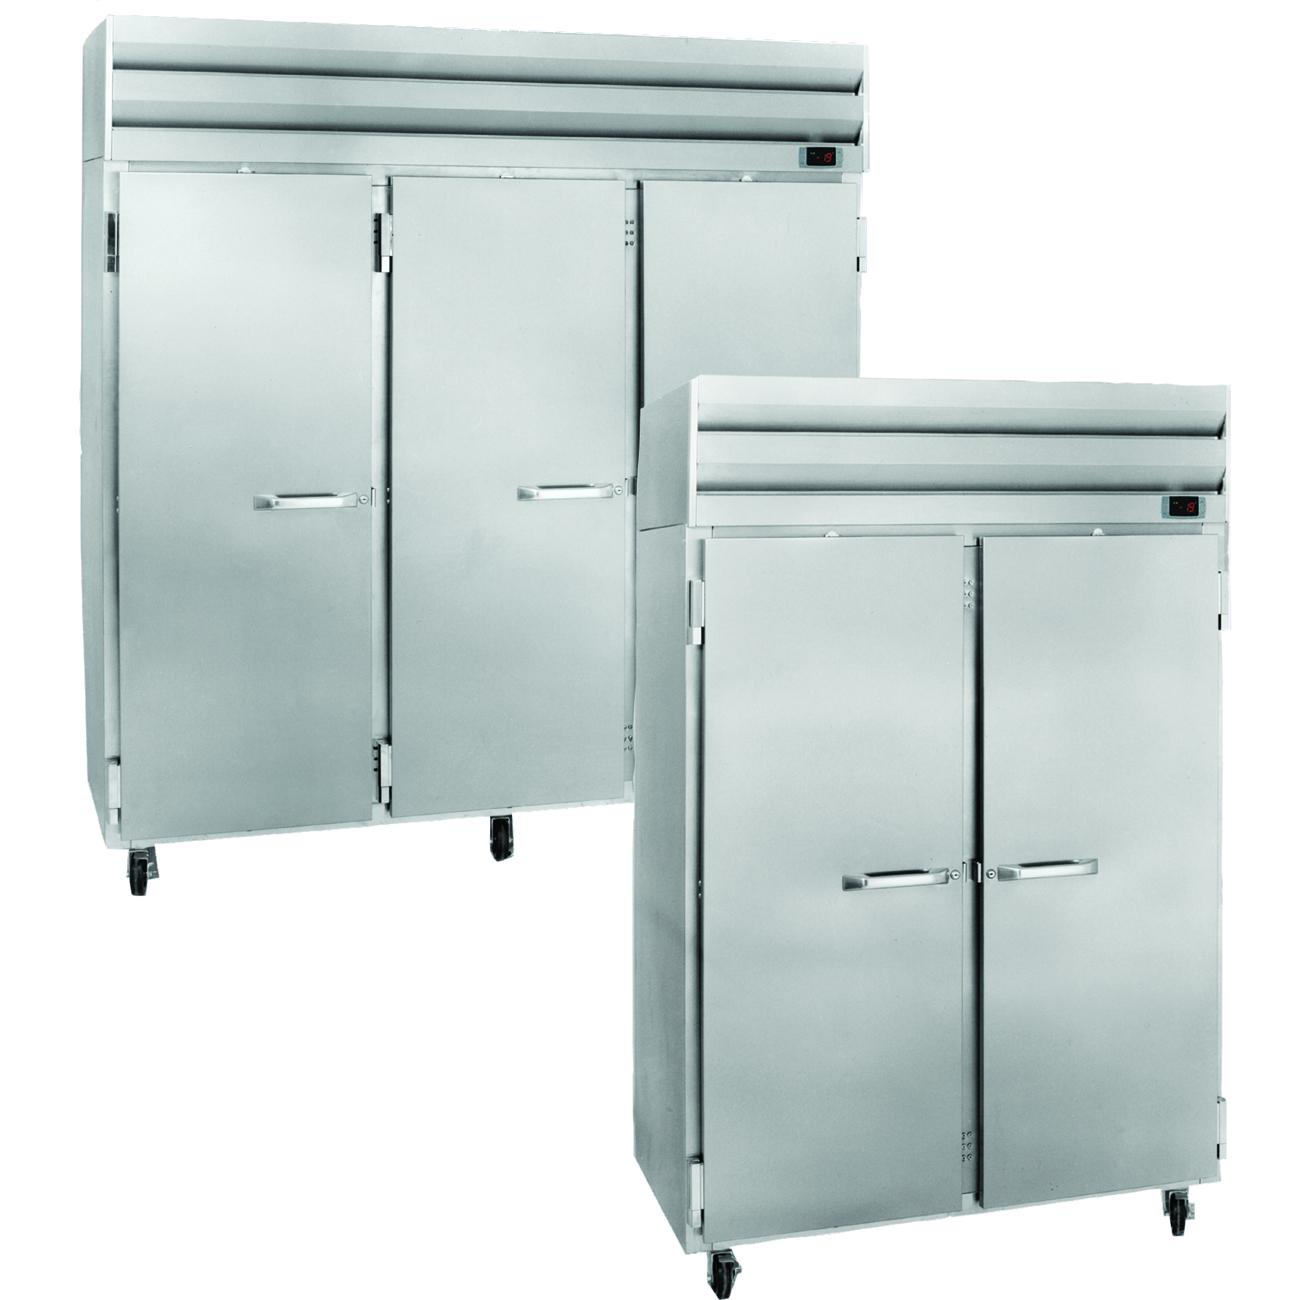 Howard-McCray SF75-FF freezer, reach-in